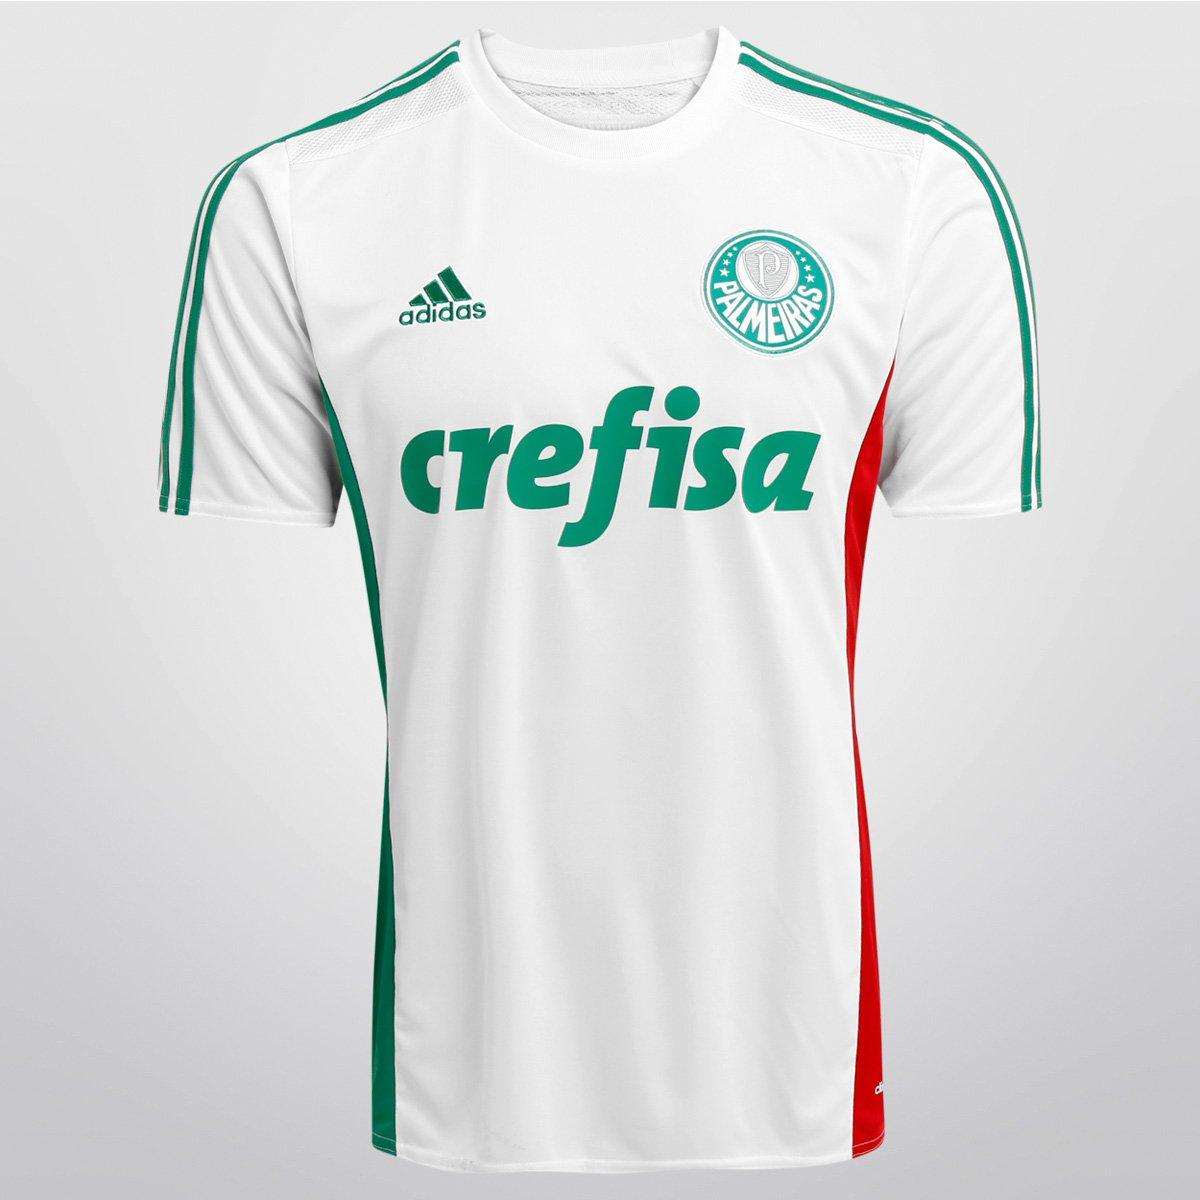 7a0f11e483 Camisa Palmeiras II 15 16 s nº - Torcedor Adidas Masculina - Compre Agora